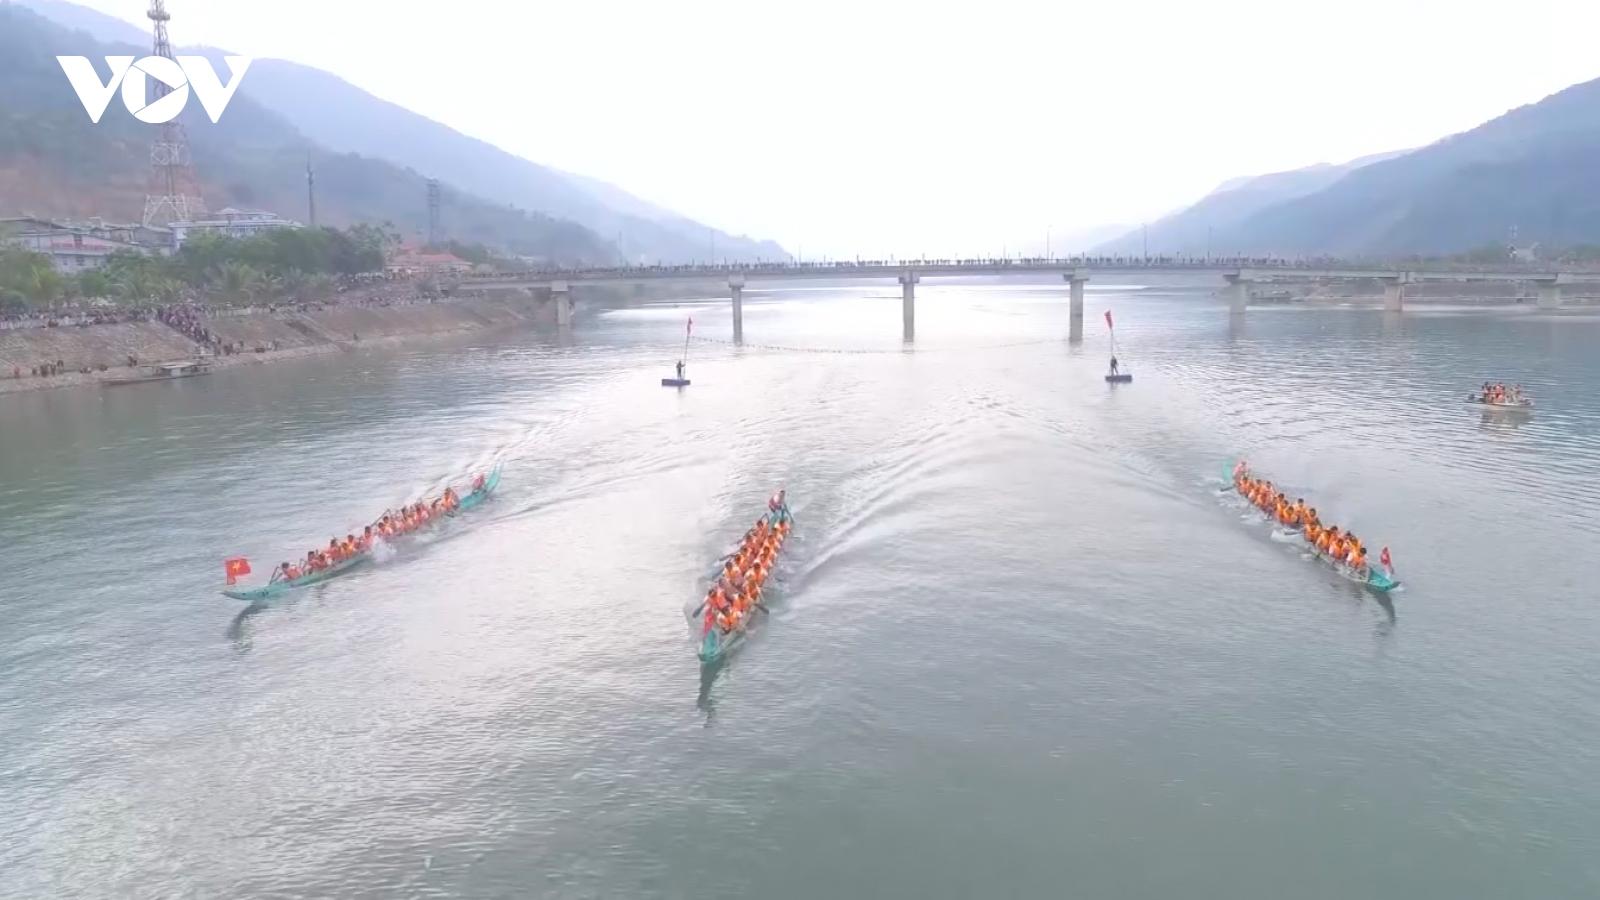 Rộn ràng khai hội đua thuyền đuôi én lần thứ 7 tại Thị xã Mường Lay